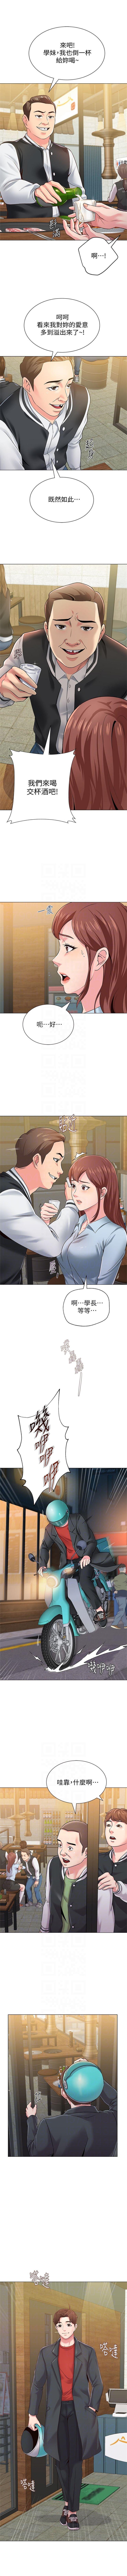 老師 1-80 官方中文(連載中) 243